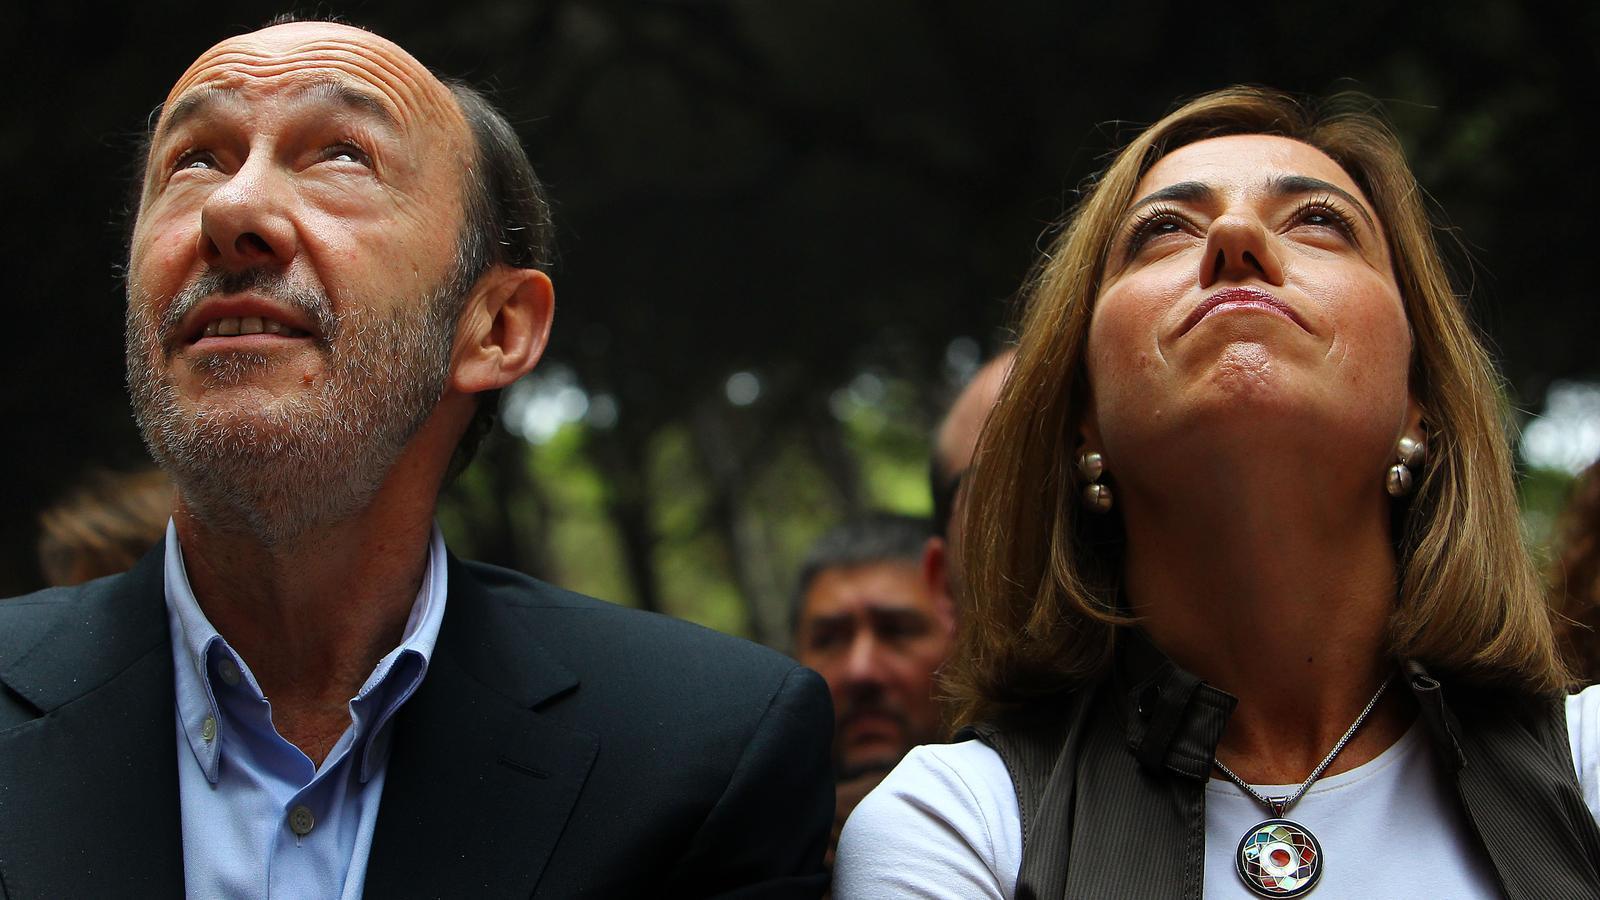 Rubalcaba i Chacón s'enfrontaran, previsiblement, per liderar  el PSOE. A la foto, a la Festa de la Rosa a Gavà.